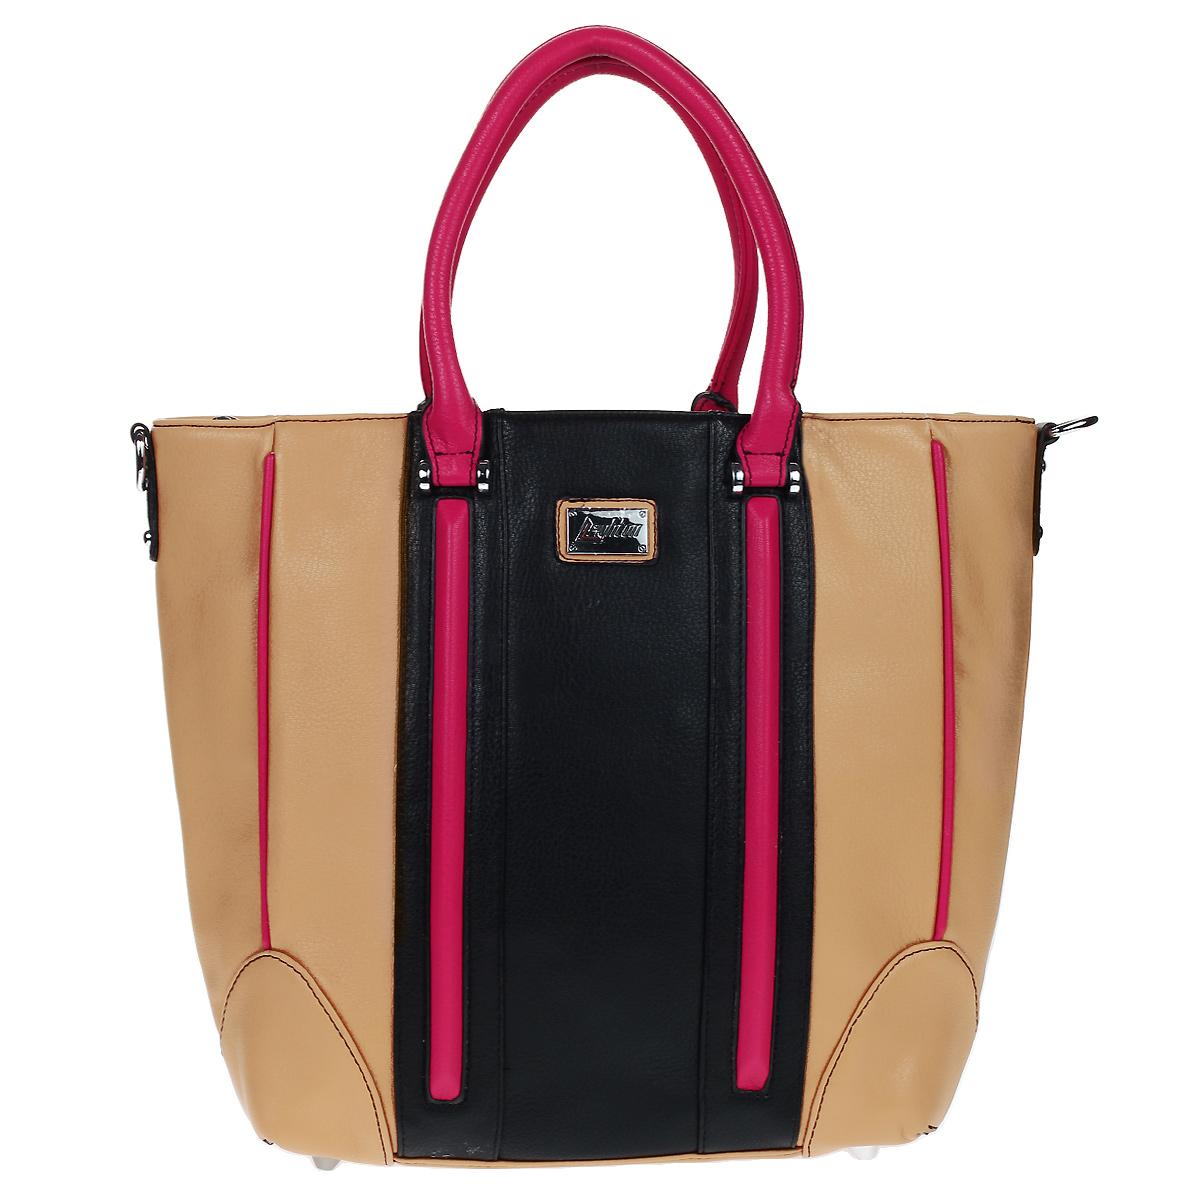 Сумка женская Leighton, цвет: бежевый, черный, розовый. 580442-149580442-149/23/149/1Стильная сумка Leighton выполнена из искусственной кожи бежевого цвета и оформлена вставками из кожи розового и черного цветов. Сумка имеет одно вместительное отделение, разделенное средником на молнии, и закрывается на застежку-молнию. Внутри - два накладных кармашка и вшитый карман на молнии. На задней стороне сумки имеется вшитый карман на молнии. Сумка оснащена двумя удобными ручками. Фурнитура выполнена из серебристого металла. В комплекте съемный плечевой ремень и чехол для хранения. Модная сумка подчеркнет ваш яркий стиль и сделает образ модным и завершенным.